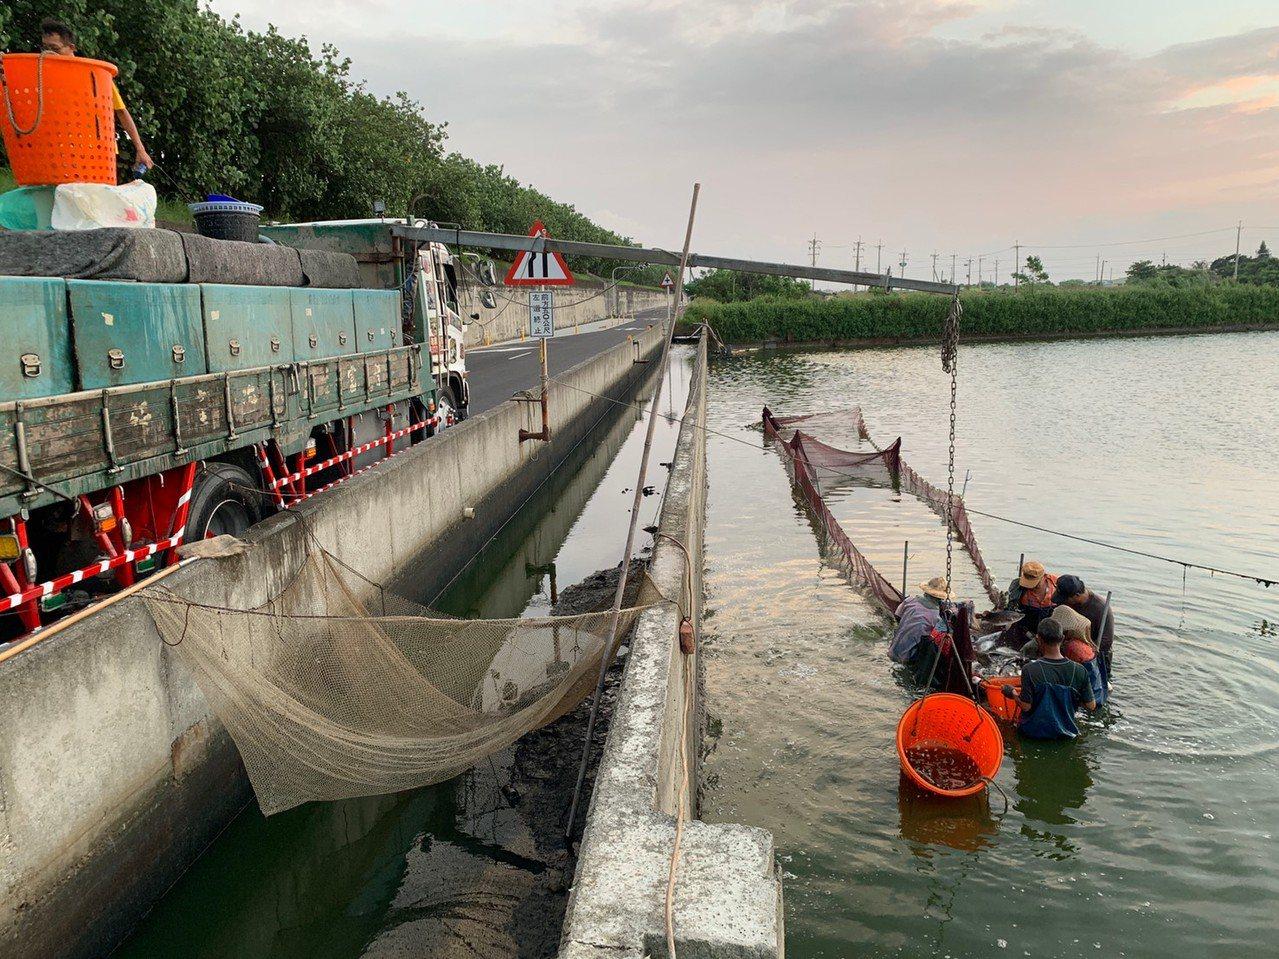 嘉縣是全國最大鱸魚產區,漁業署6日啟動產銷調節,補助收購1260公噸,圖為漁民收...